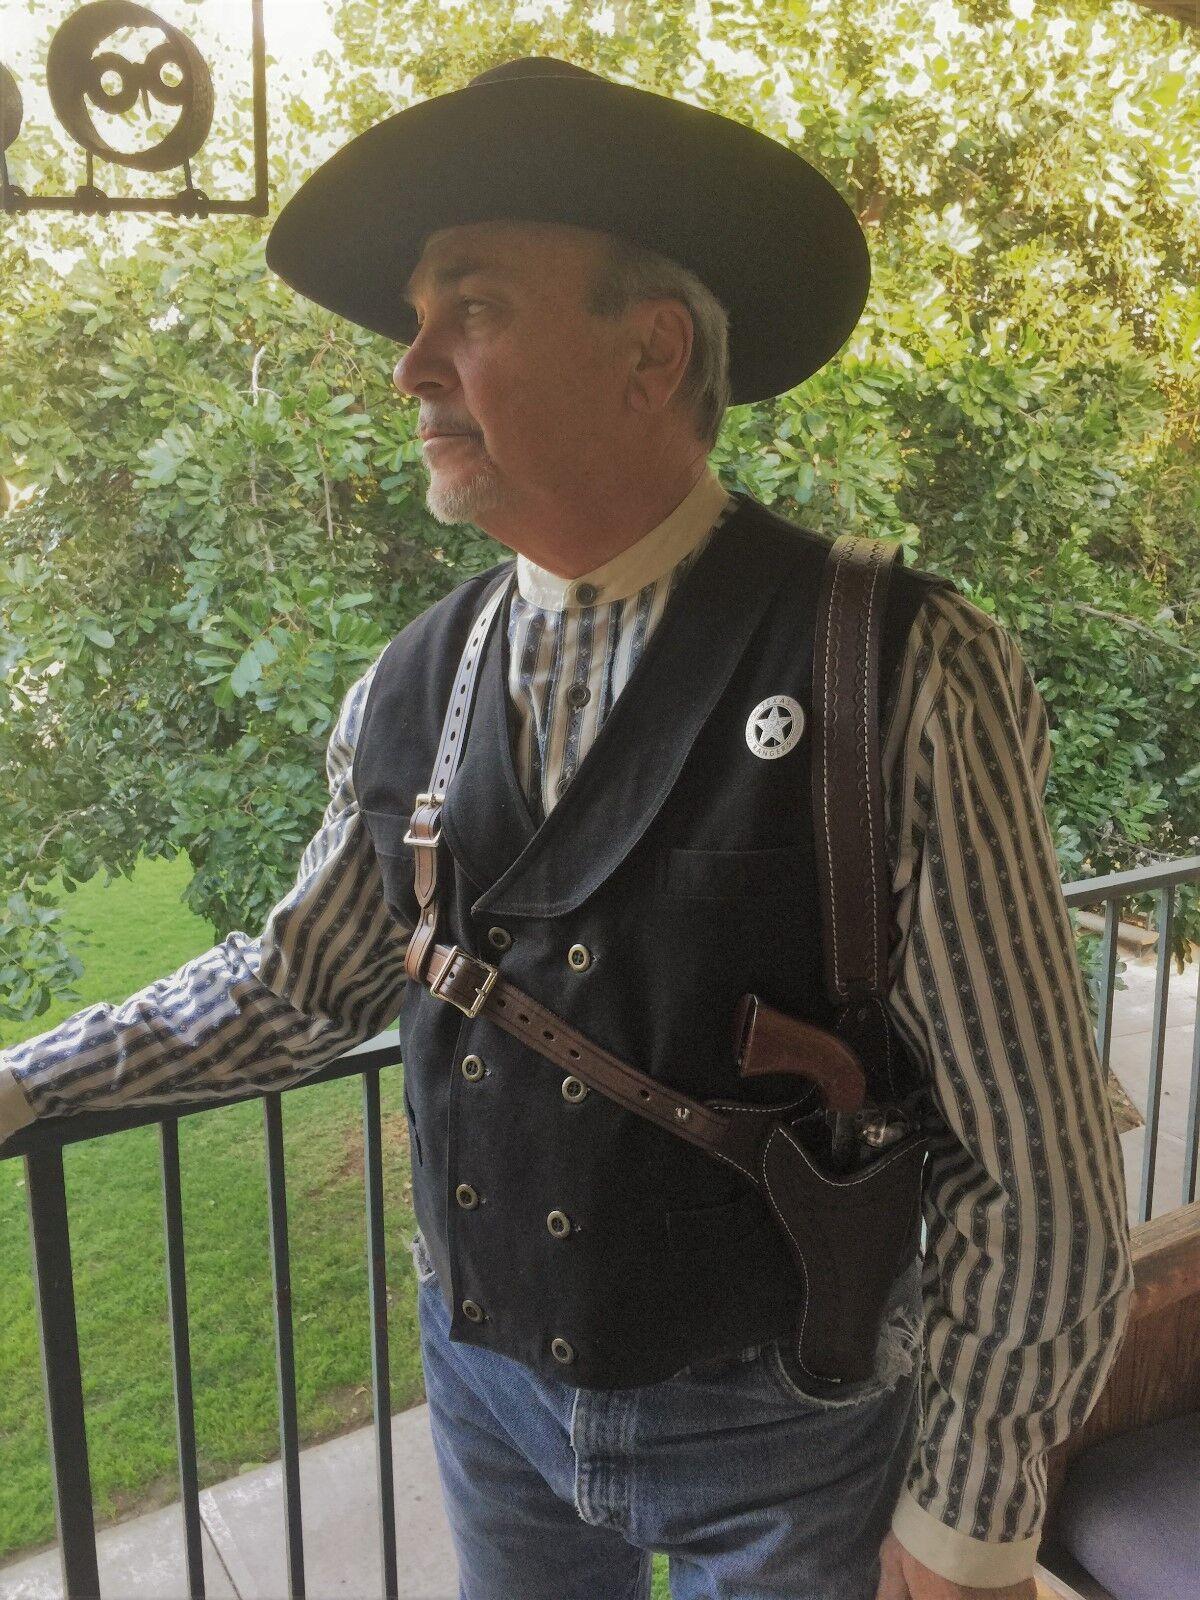 Doc Holliday Funda de hombro Rig personalizado hecho Vaquero Acción